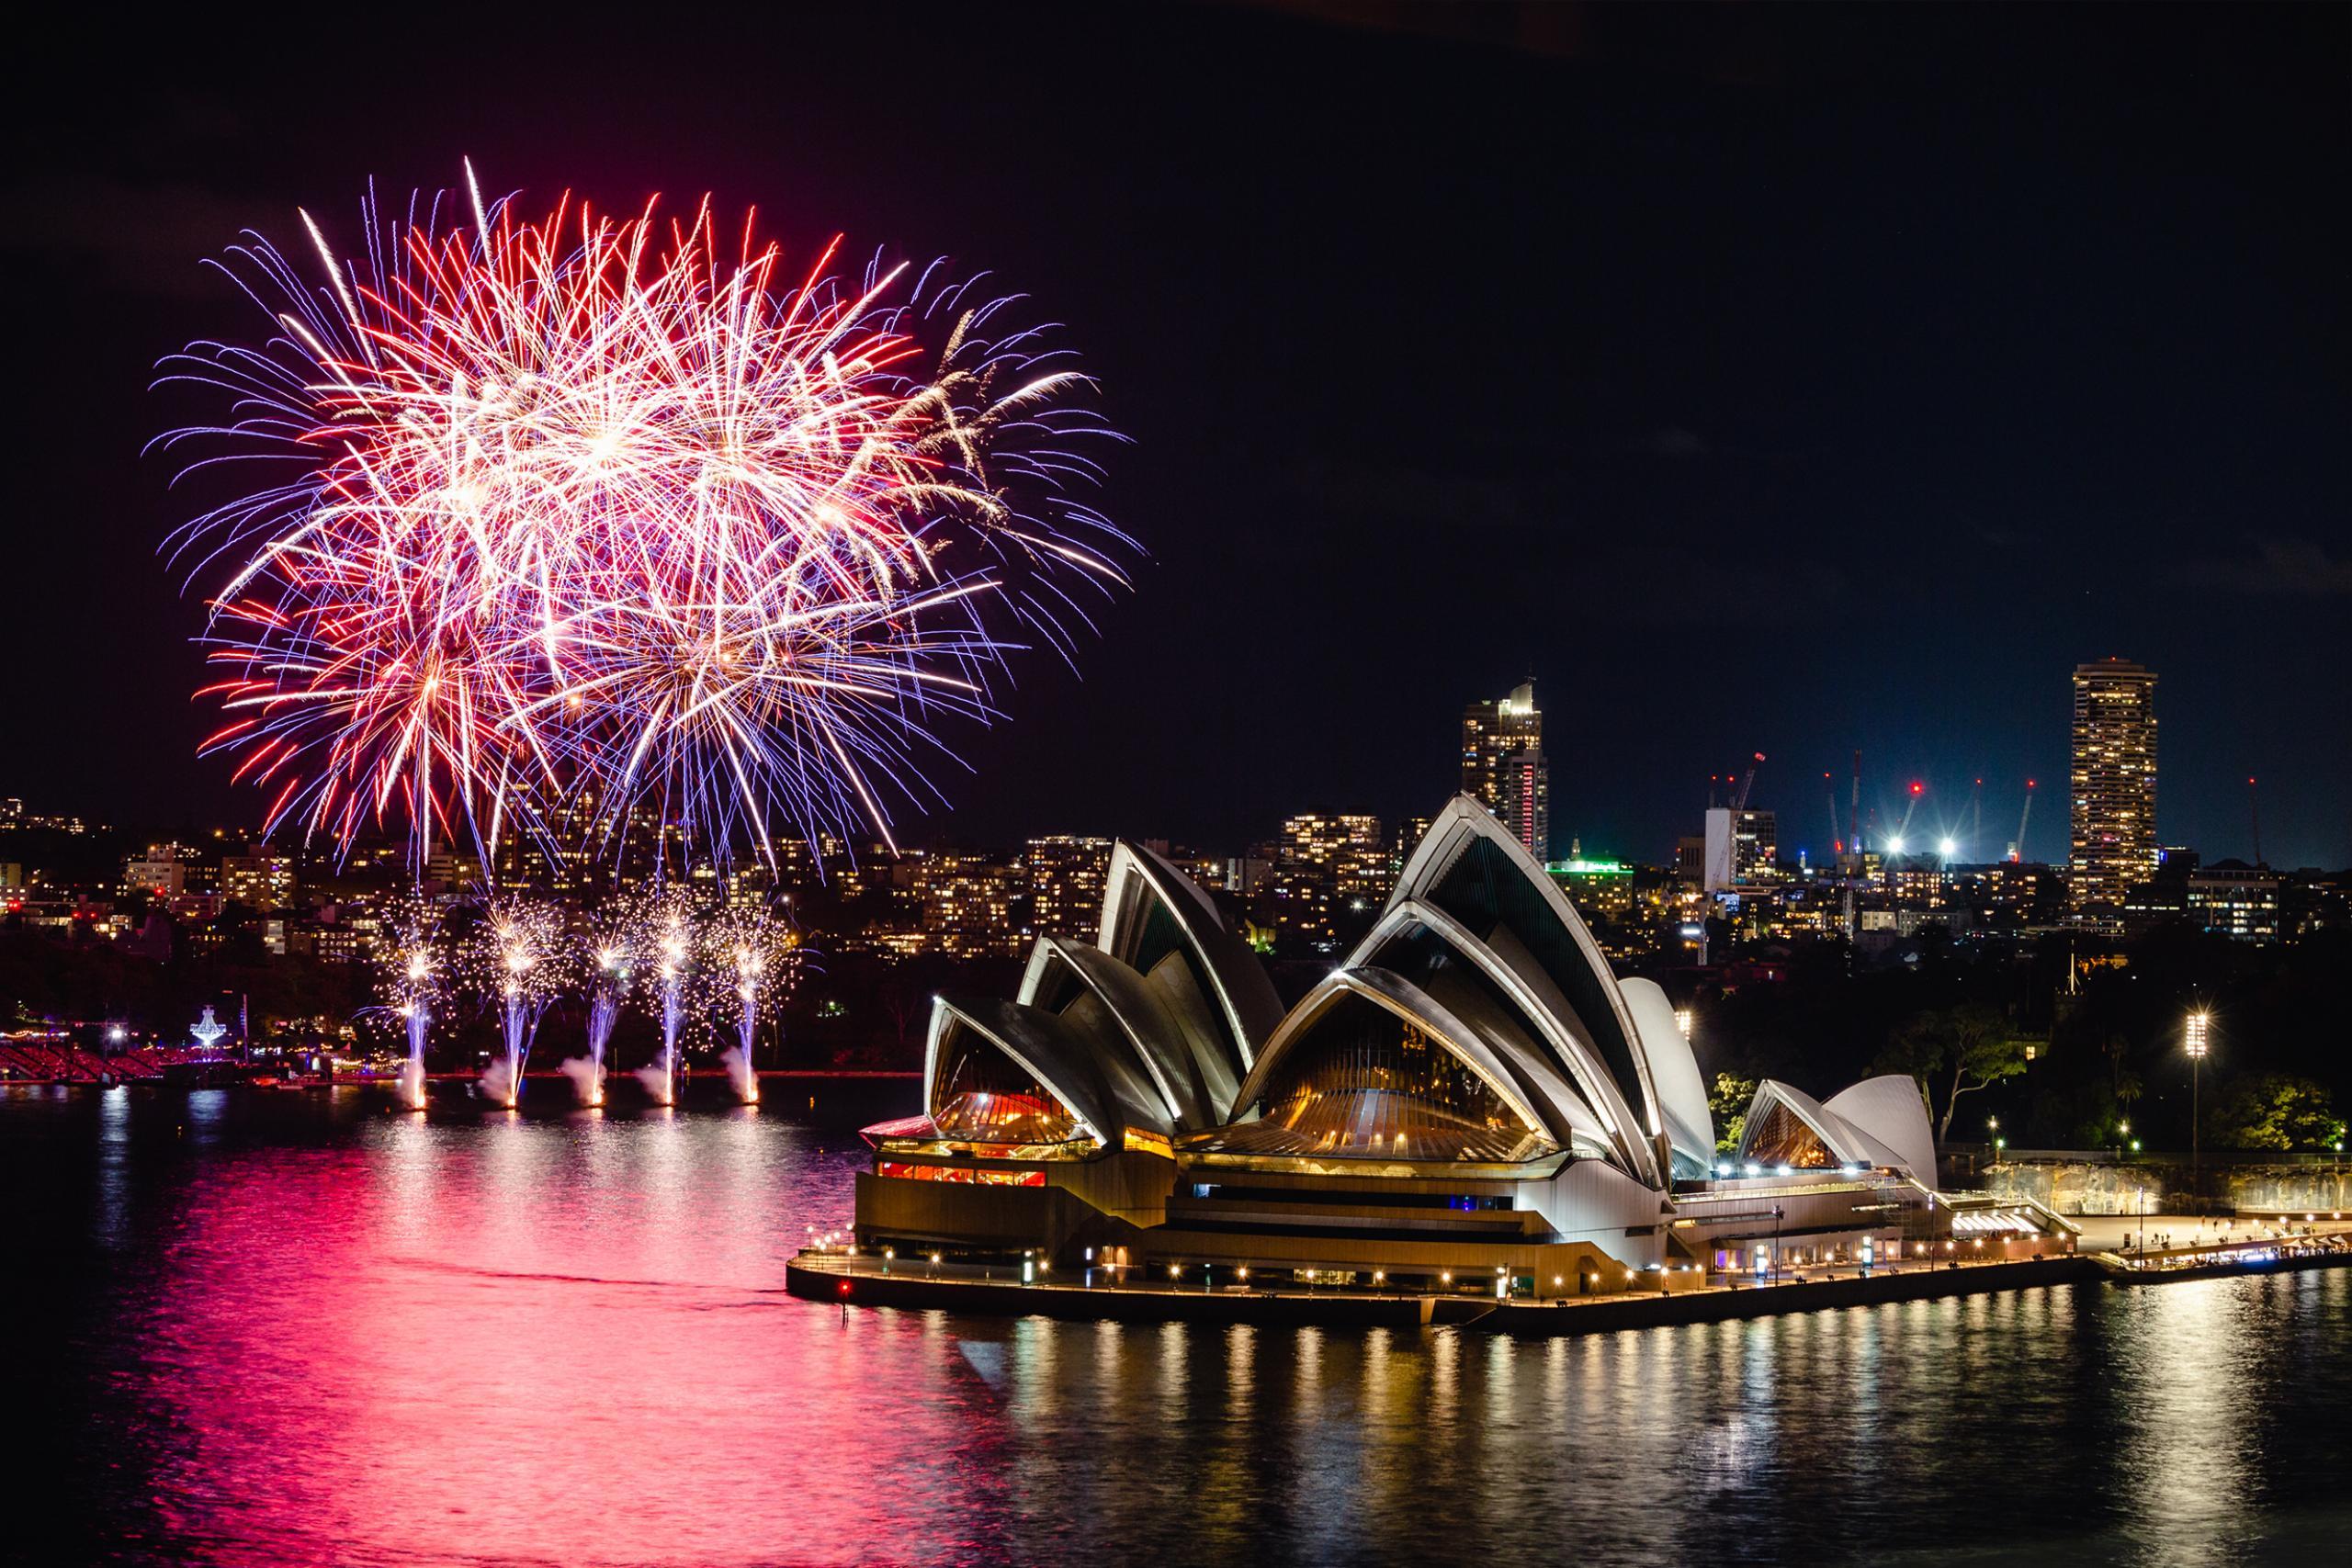 オーストラリアイベントカレンダー ハンダオペラオンシドニーハーバー